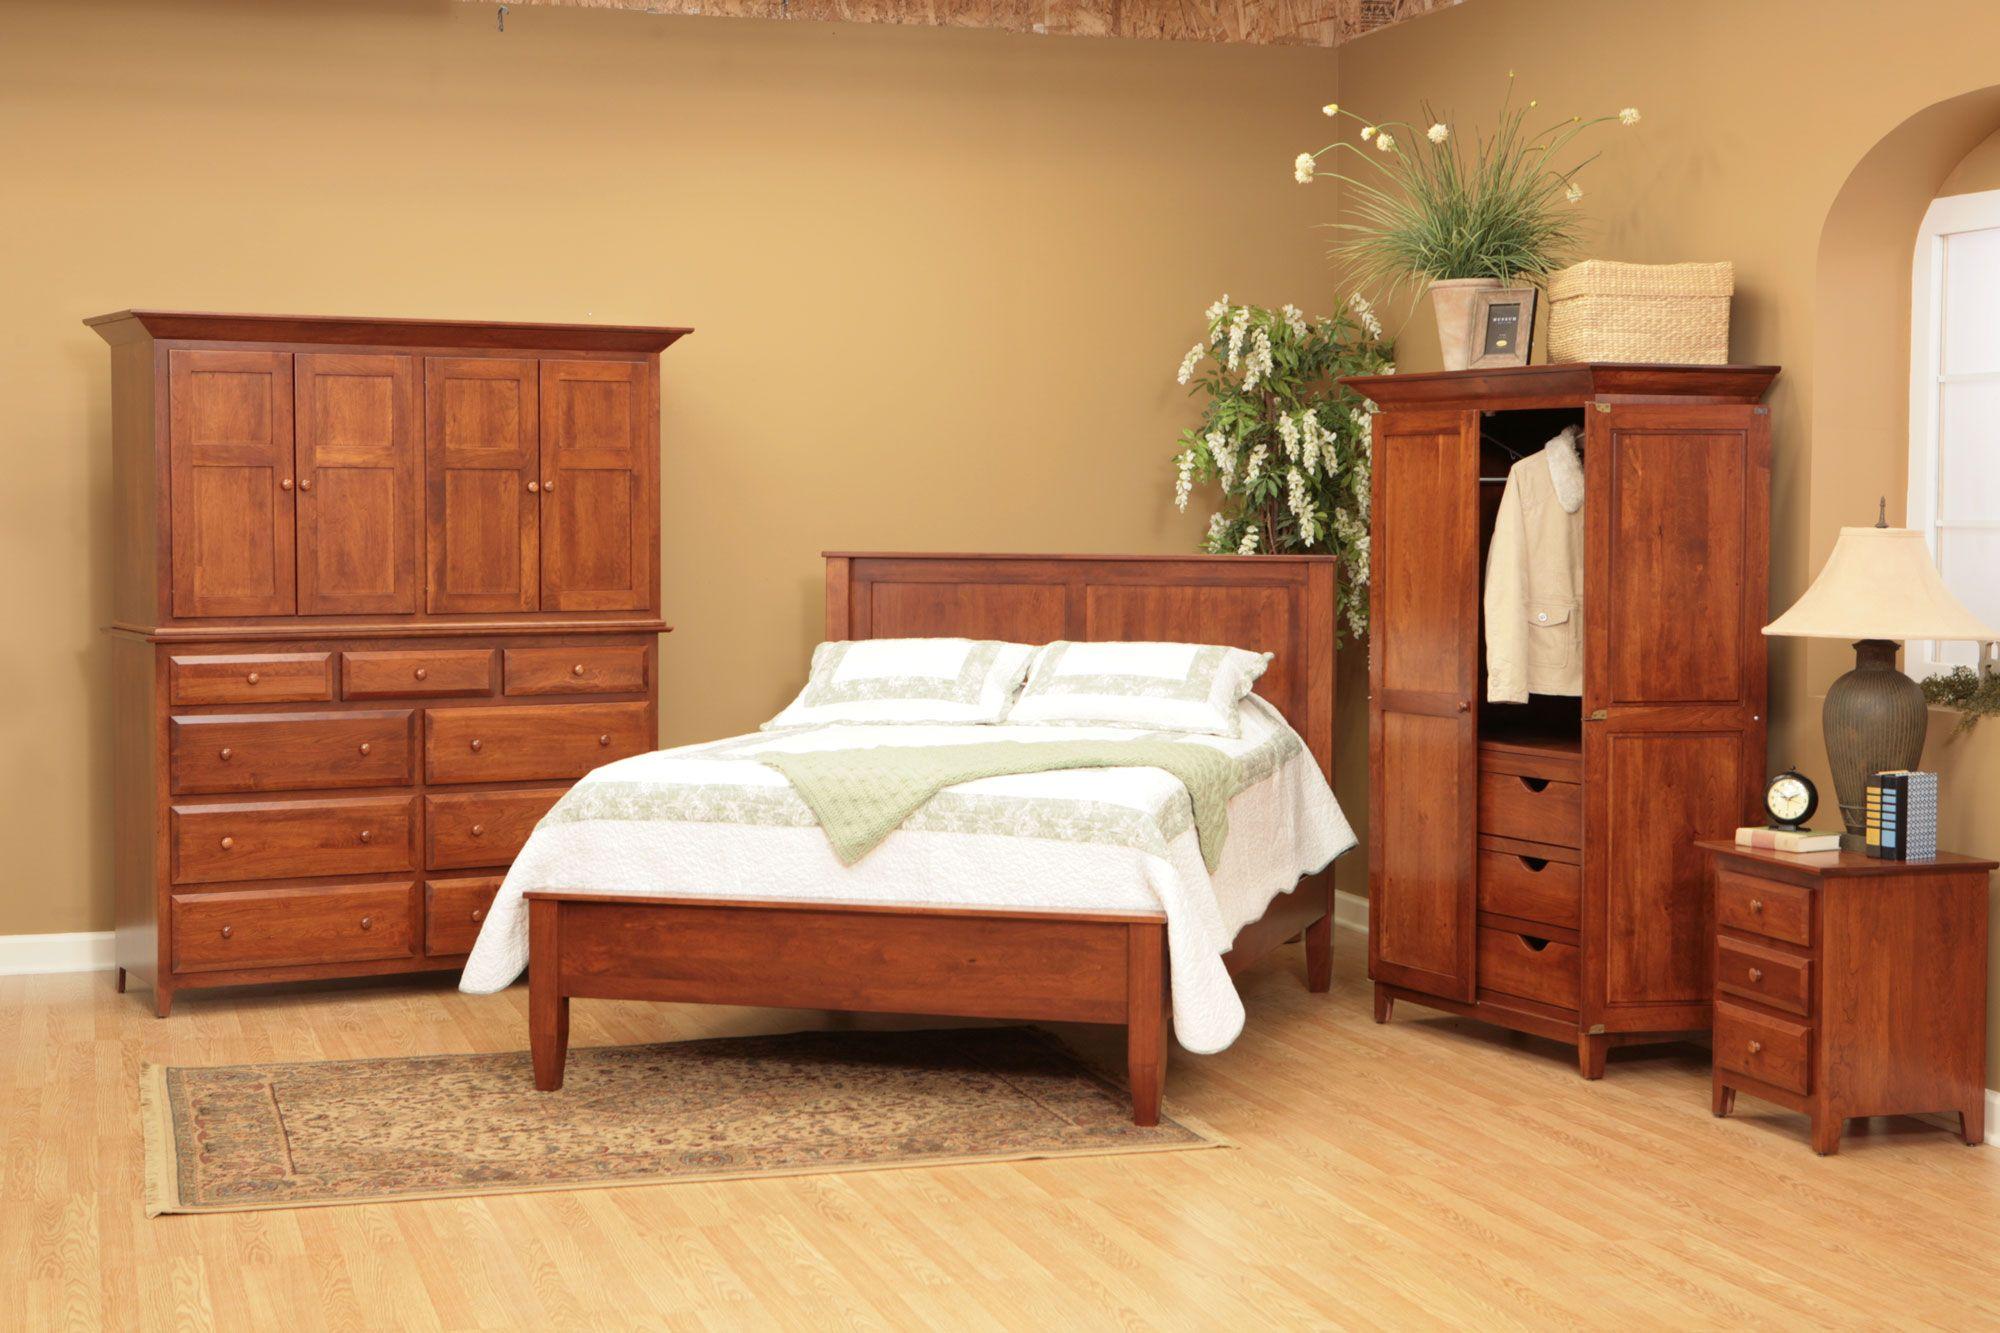 shaker furniture - Google Search  Wood bedroom furniture sets